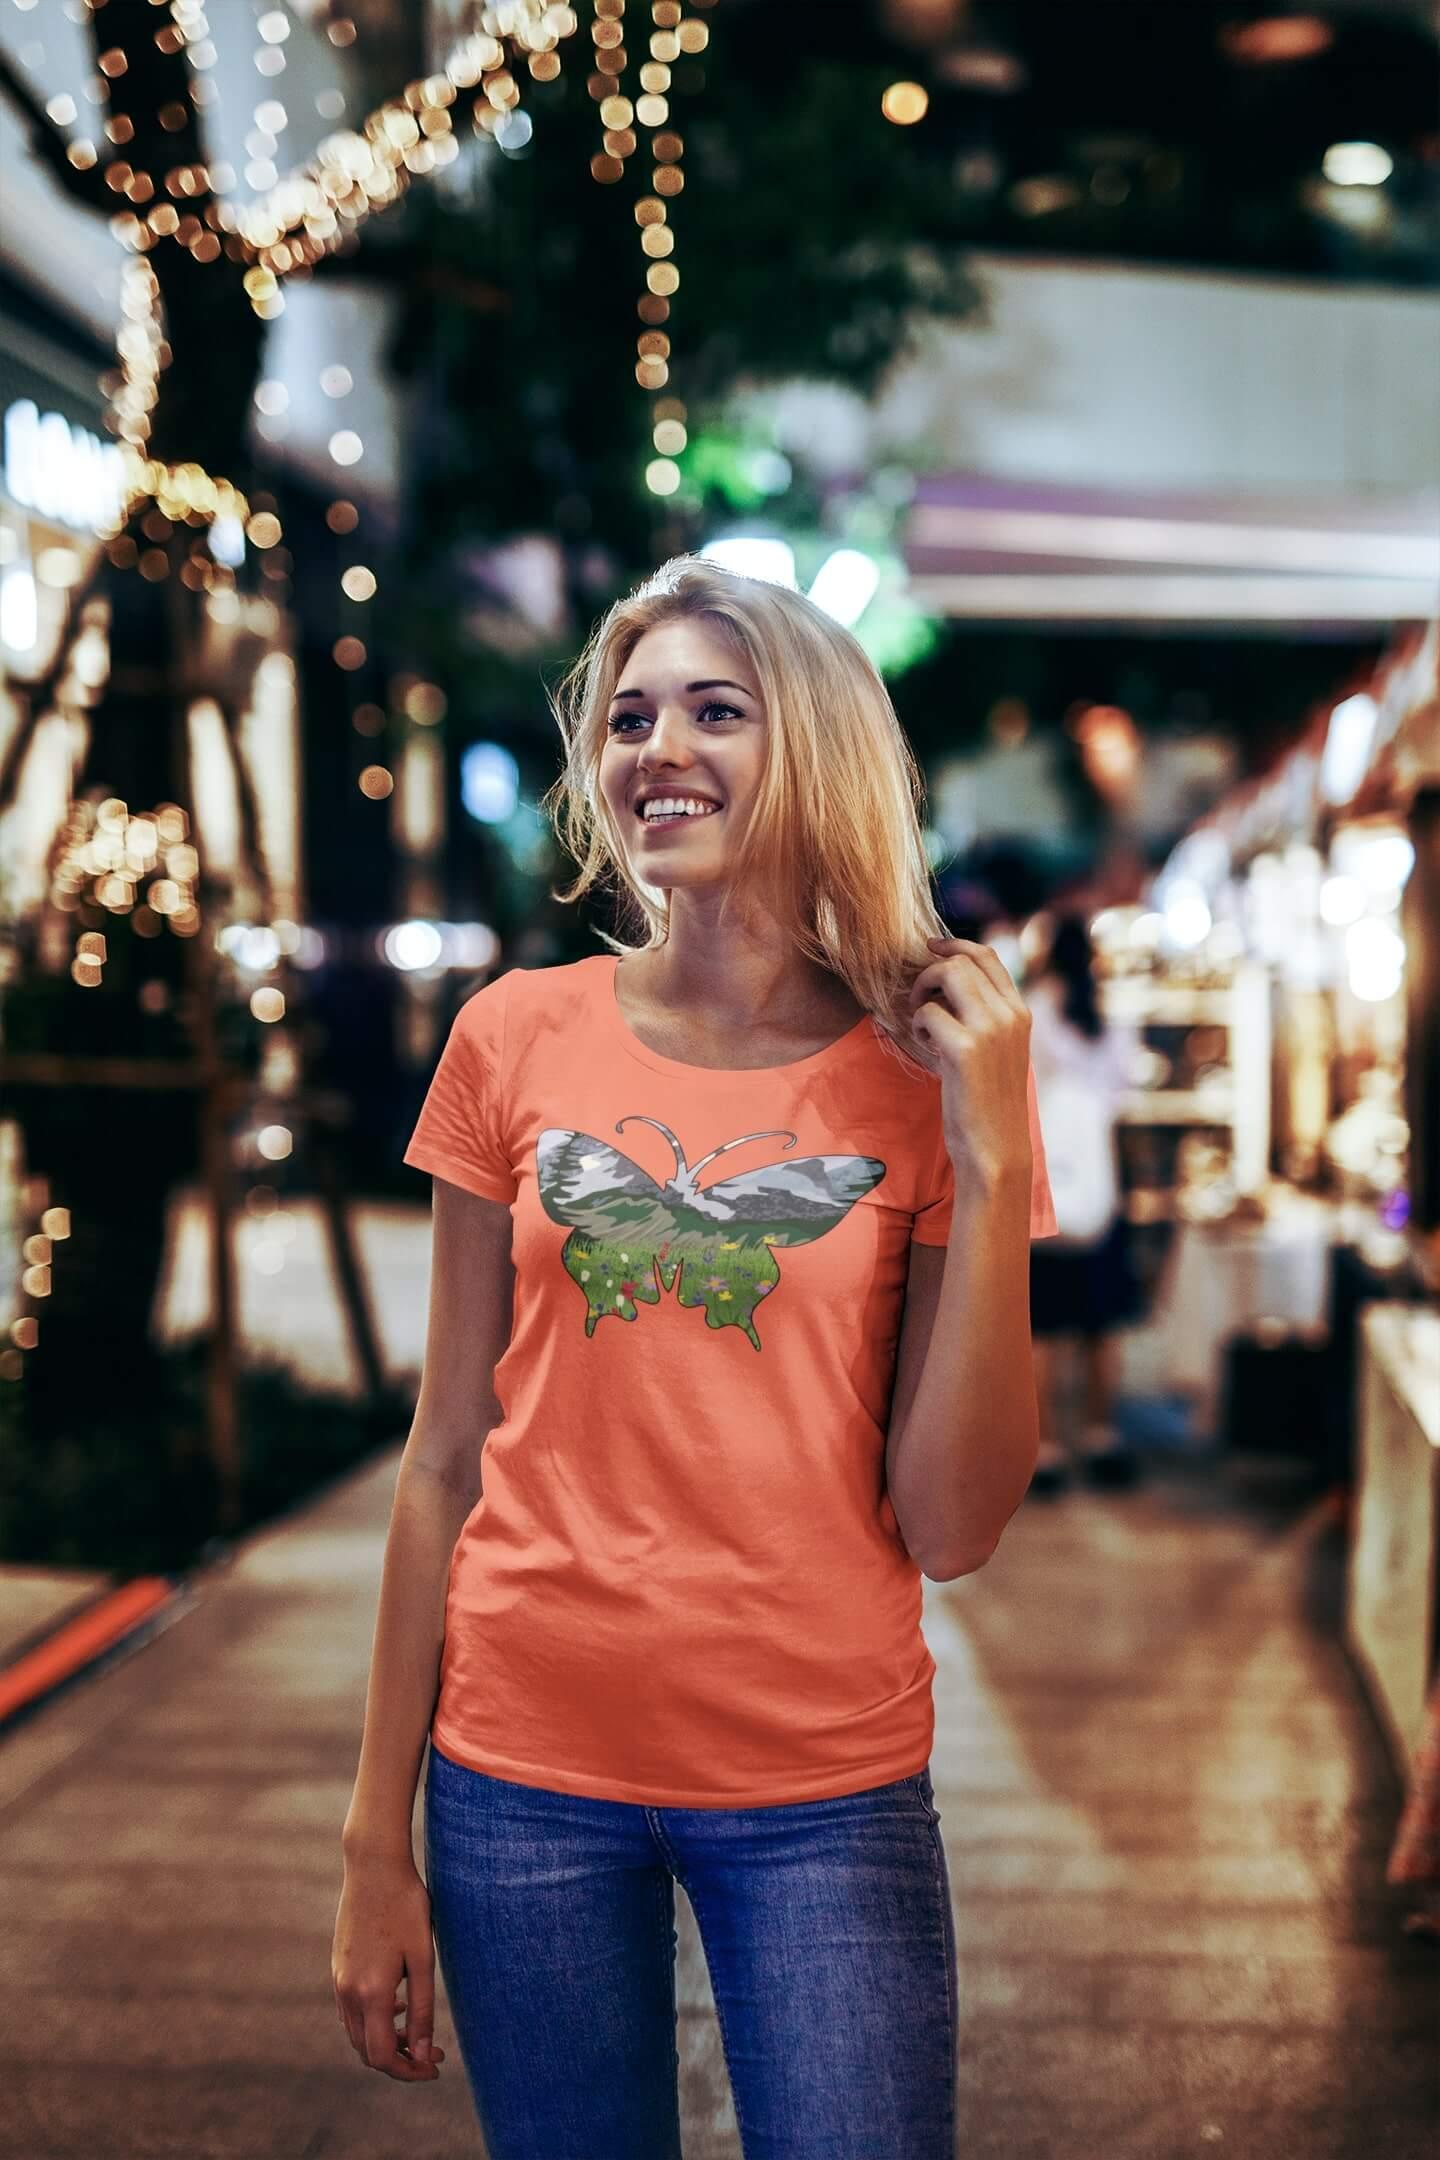 MMO Dámske tričko Motýľ Vyberte farbu: Korálová, Vyberte veľkosť: S